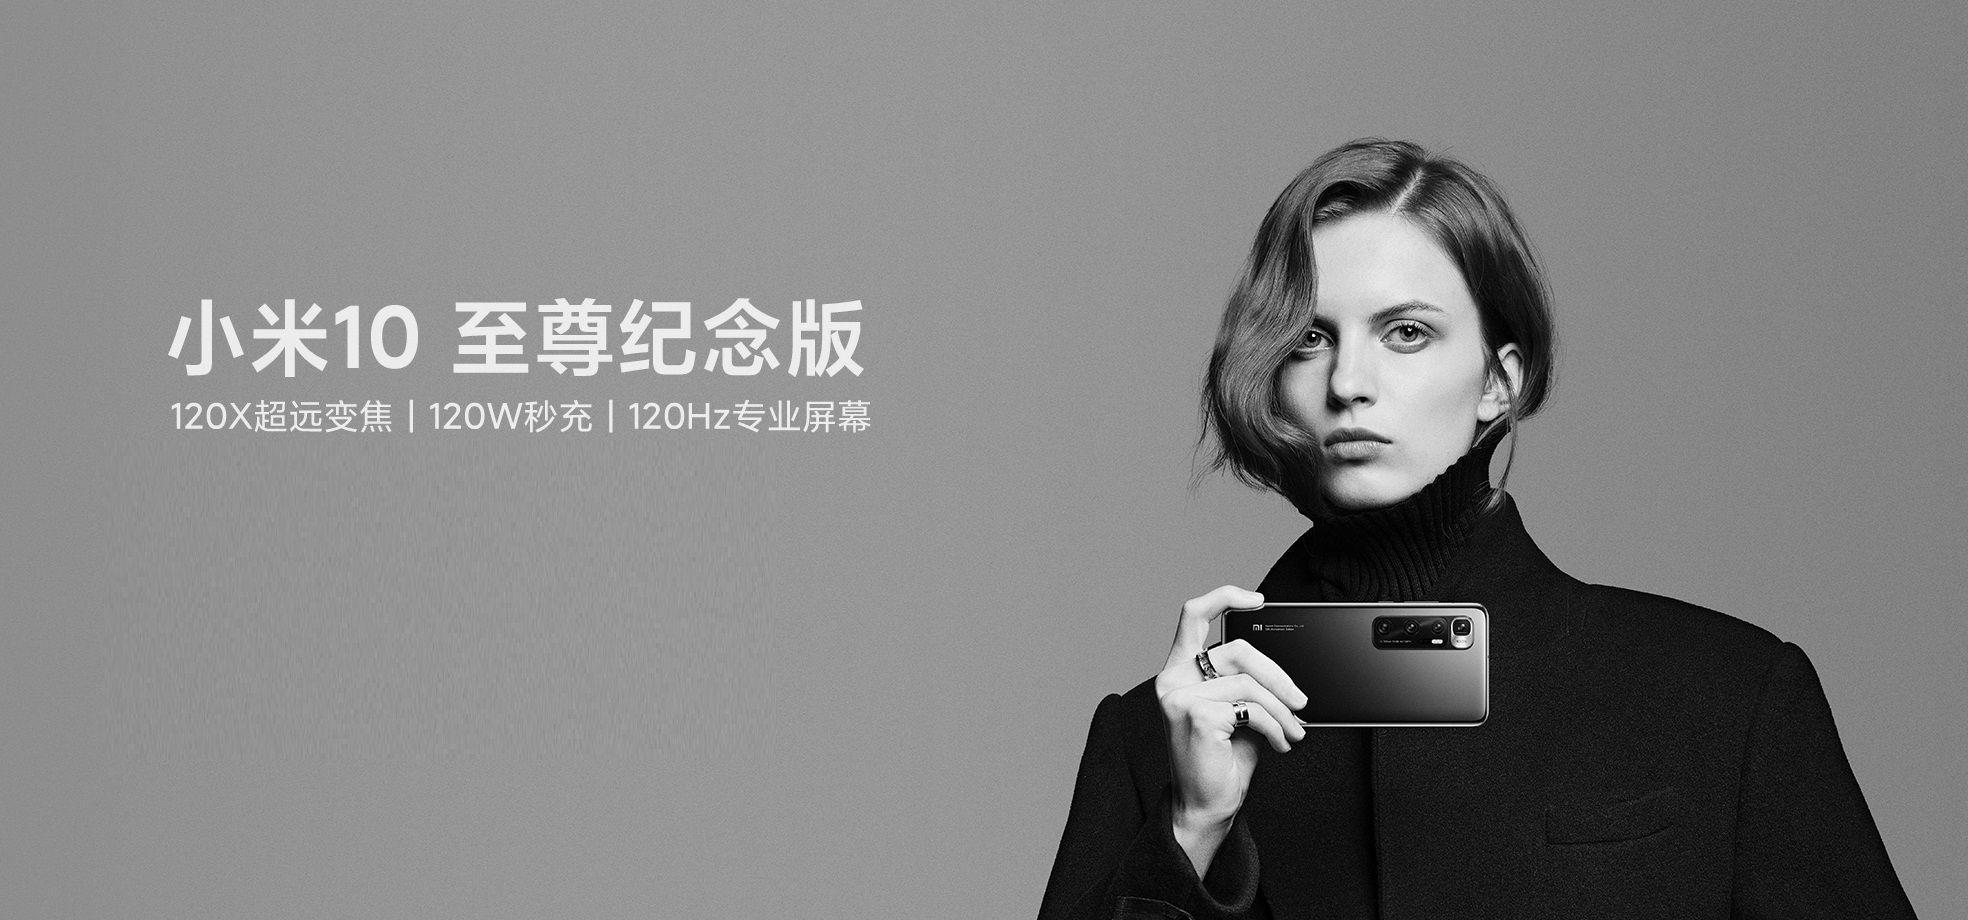 Xiaomi Mi 10 Ultra è stato presentato ufficialmente: lo smartphone top con display a 120Hz, zoom 120x e ricarica da 120W